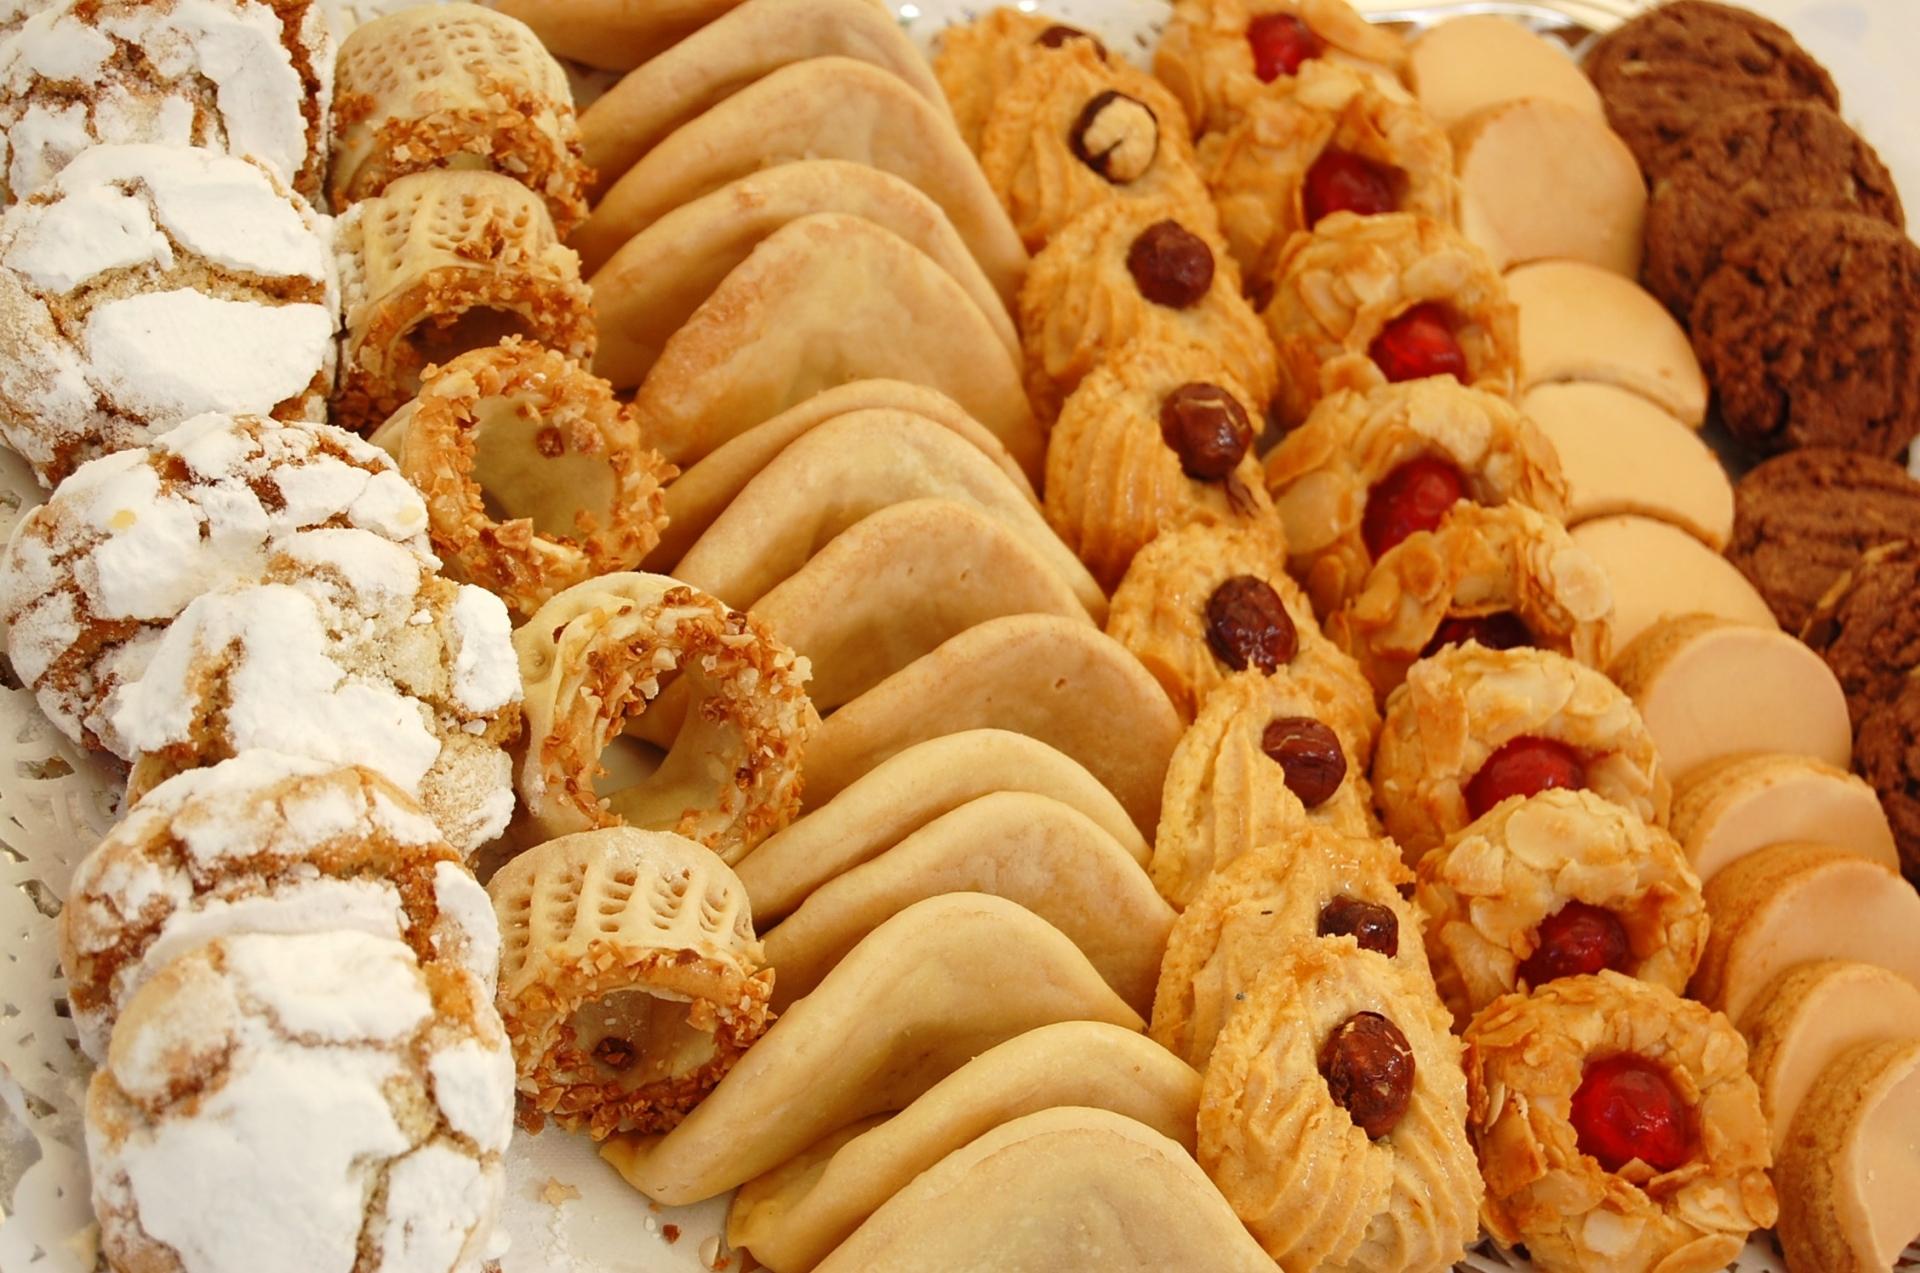 ローザー洋菓子店のクッキーは予約必須の人気商品!創業60余年の老舗をご紹介!